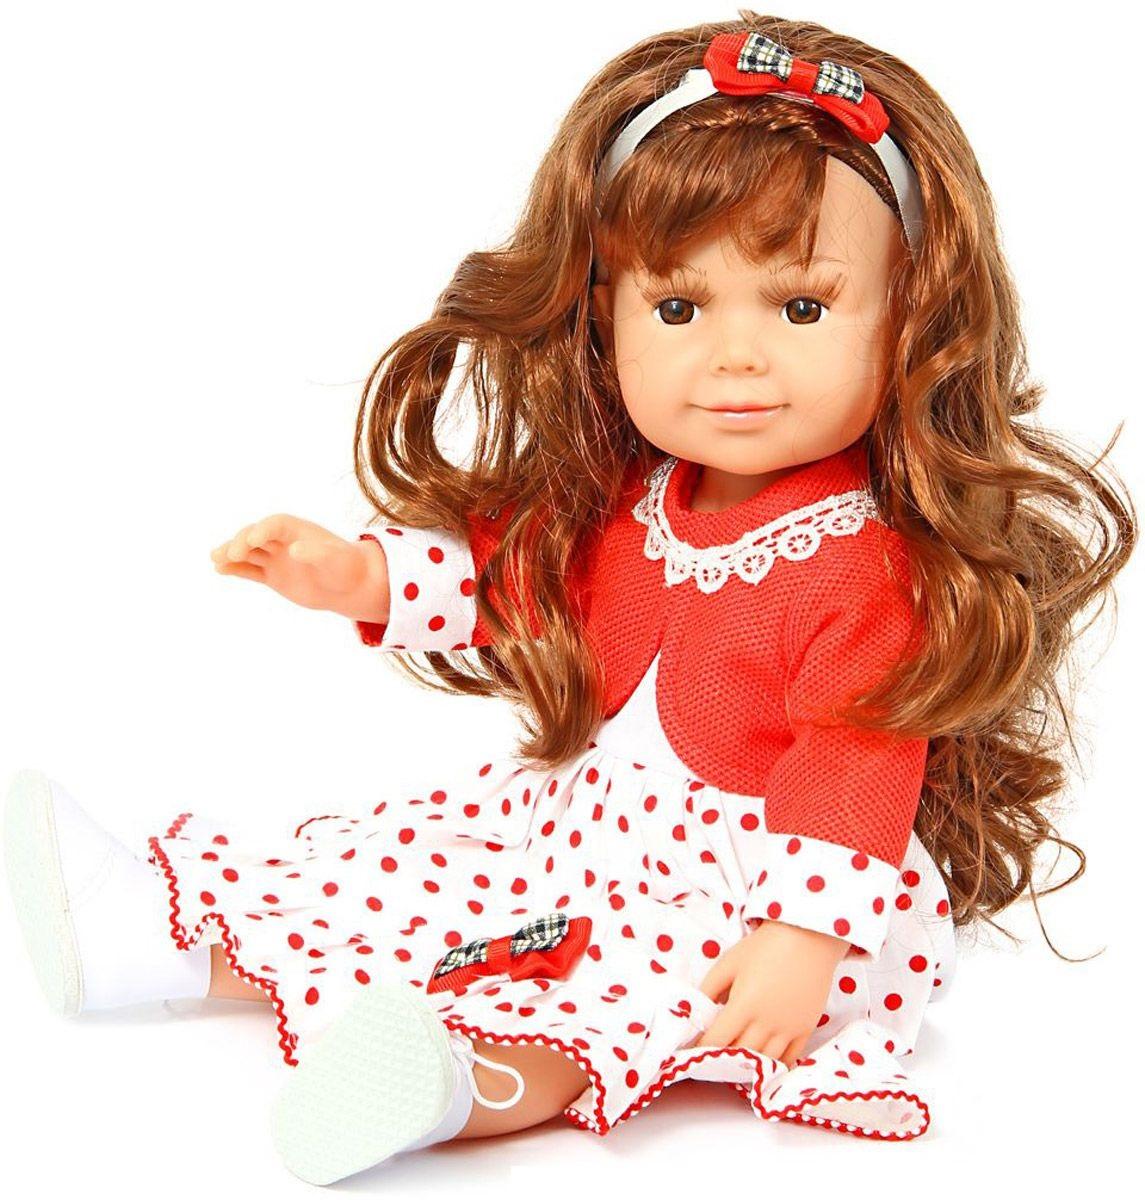 Кукла Ника 37см (можно купать), мягконабивн., ПВХ, винил